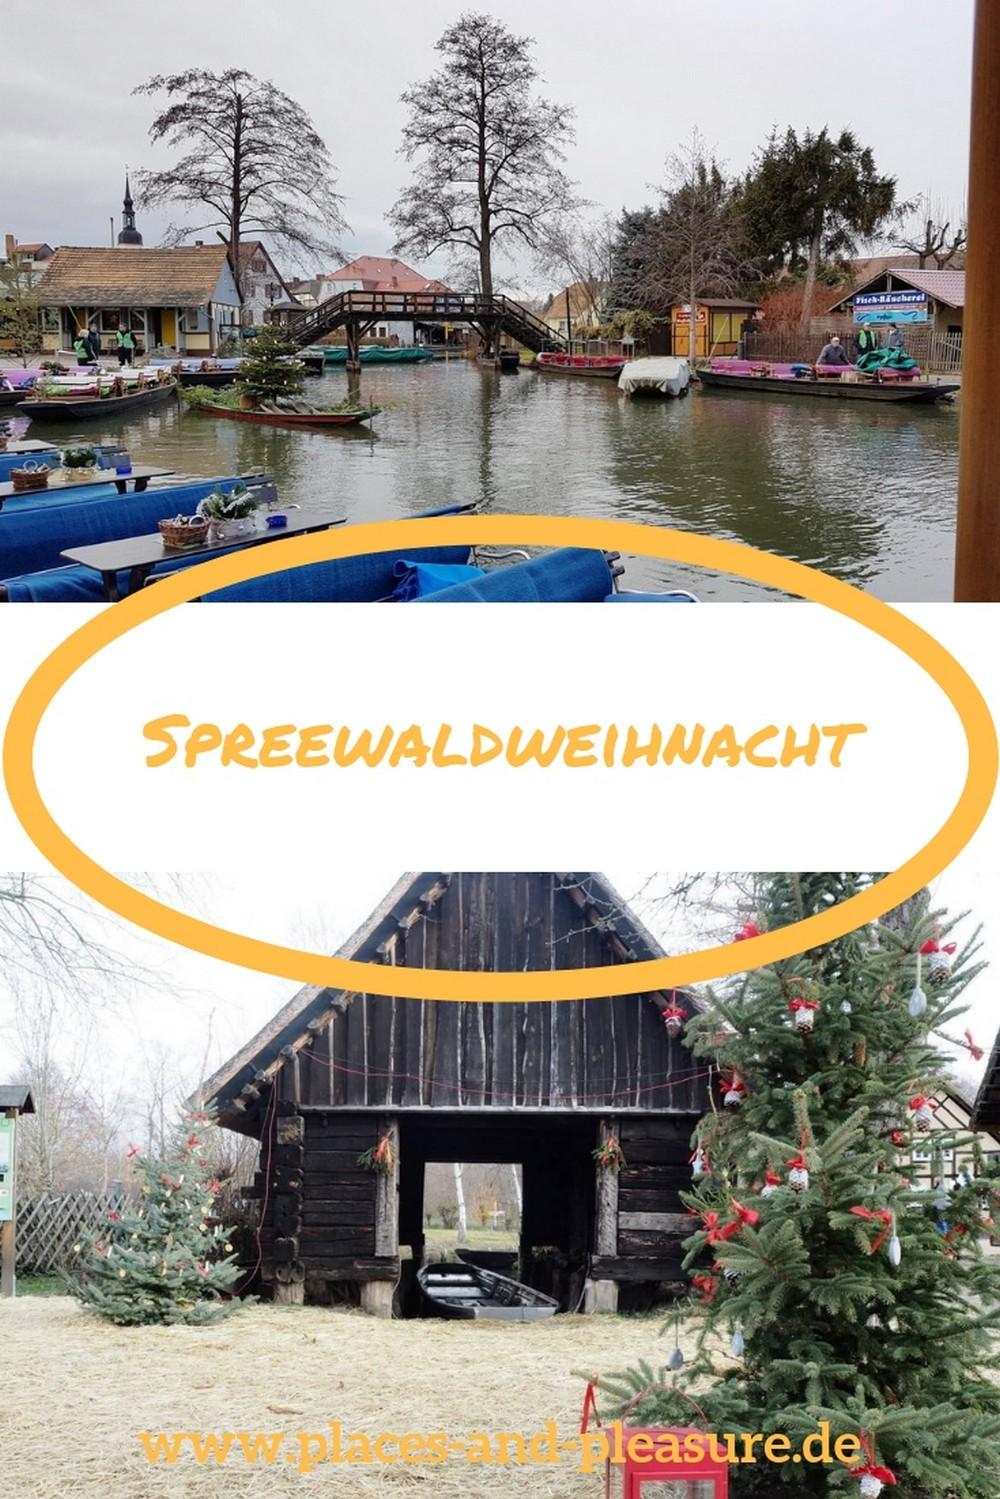 (Werbung/Bloggerreise) Mit dem Kahn zum Weihnachtsmarkt, das gibt es nur zur Spreewaldweihnacht. Mehr zum Erlebnis erfährst du bei mir im Blog. #Spreewald #Weihnachtsmarkt #Reisetipp